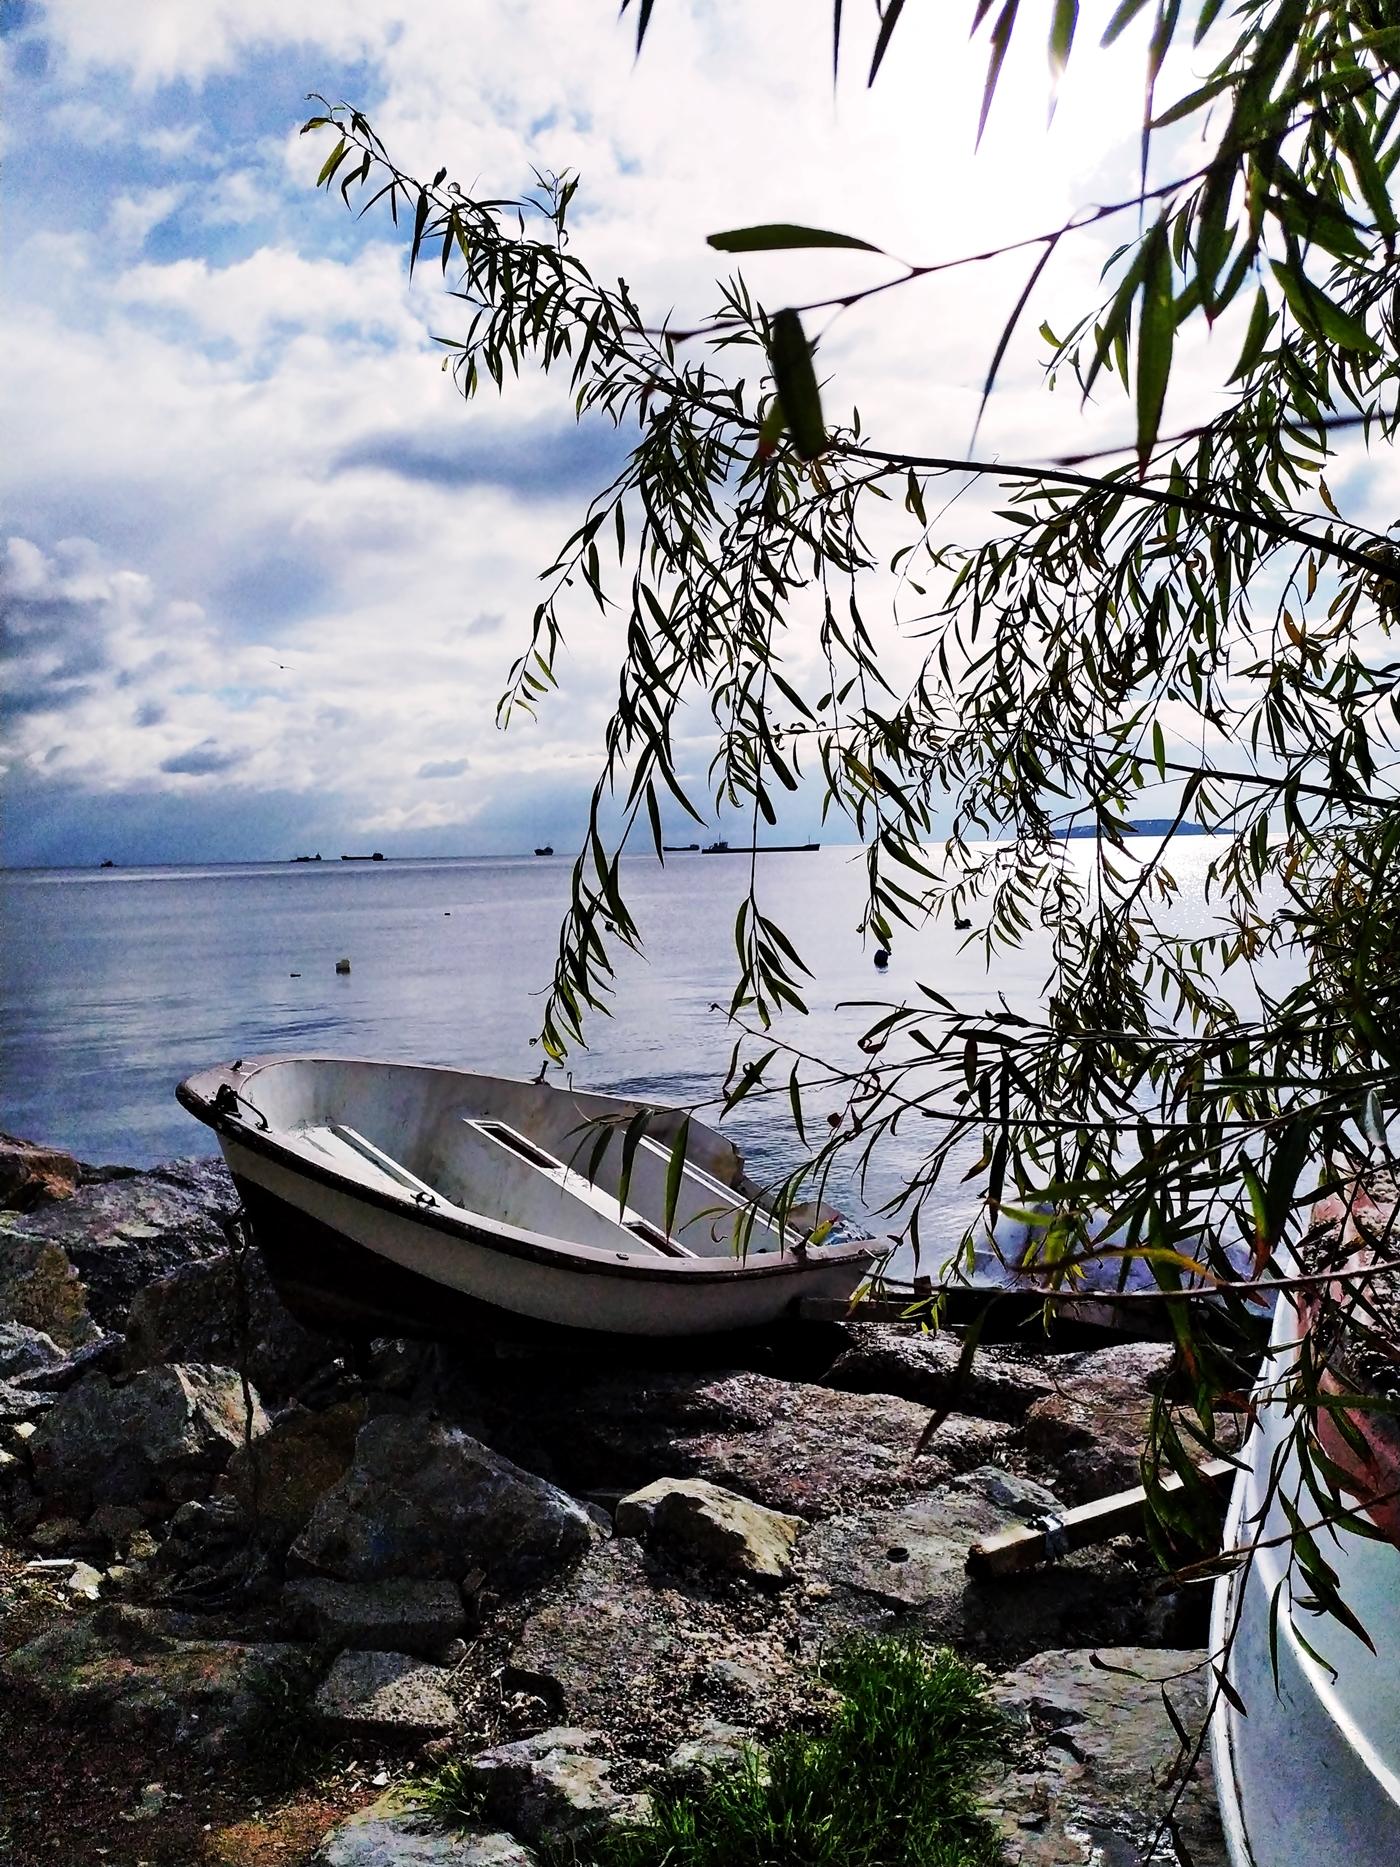 A Boat on the Istanbul Sea Coast